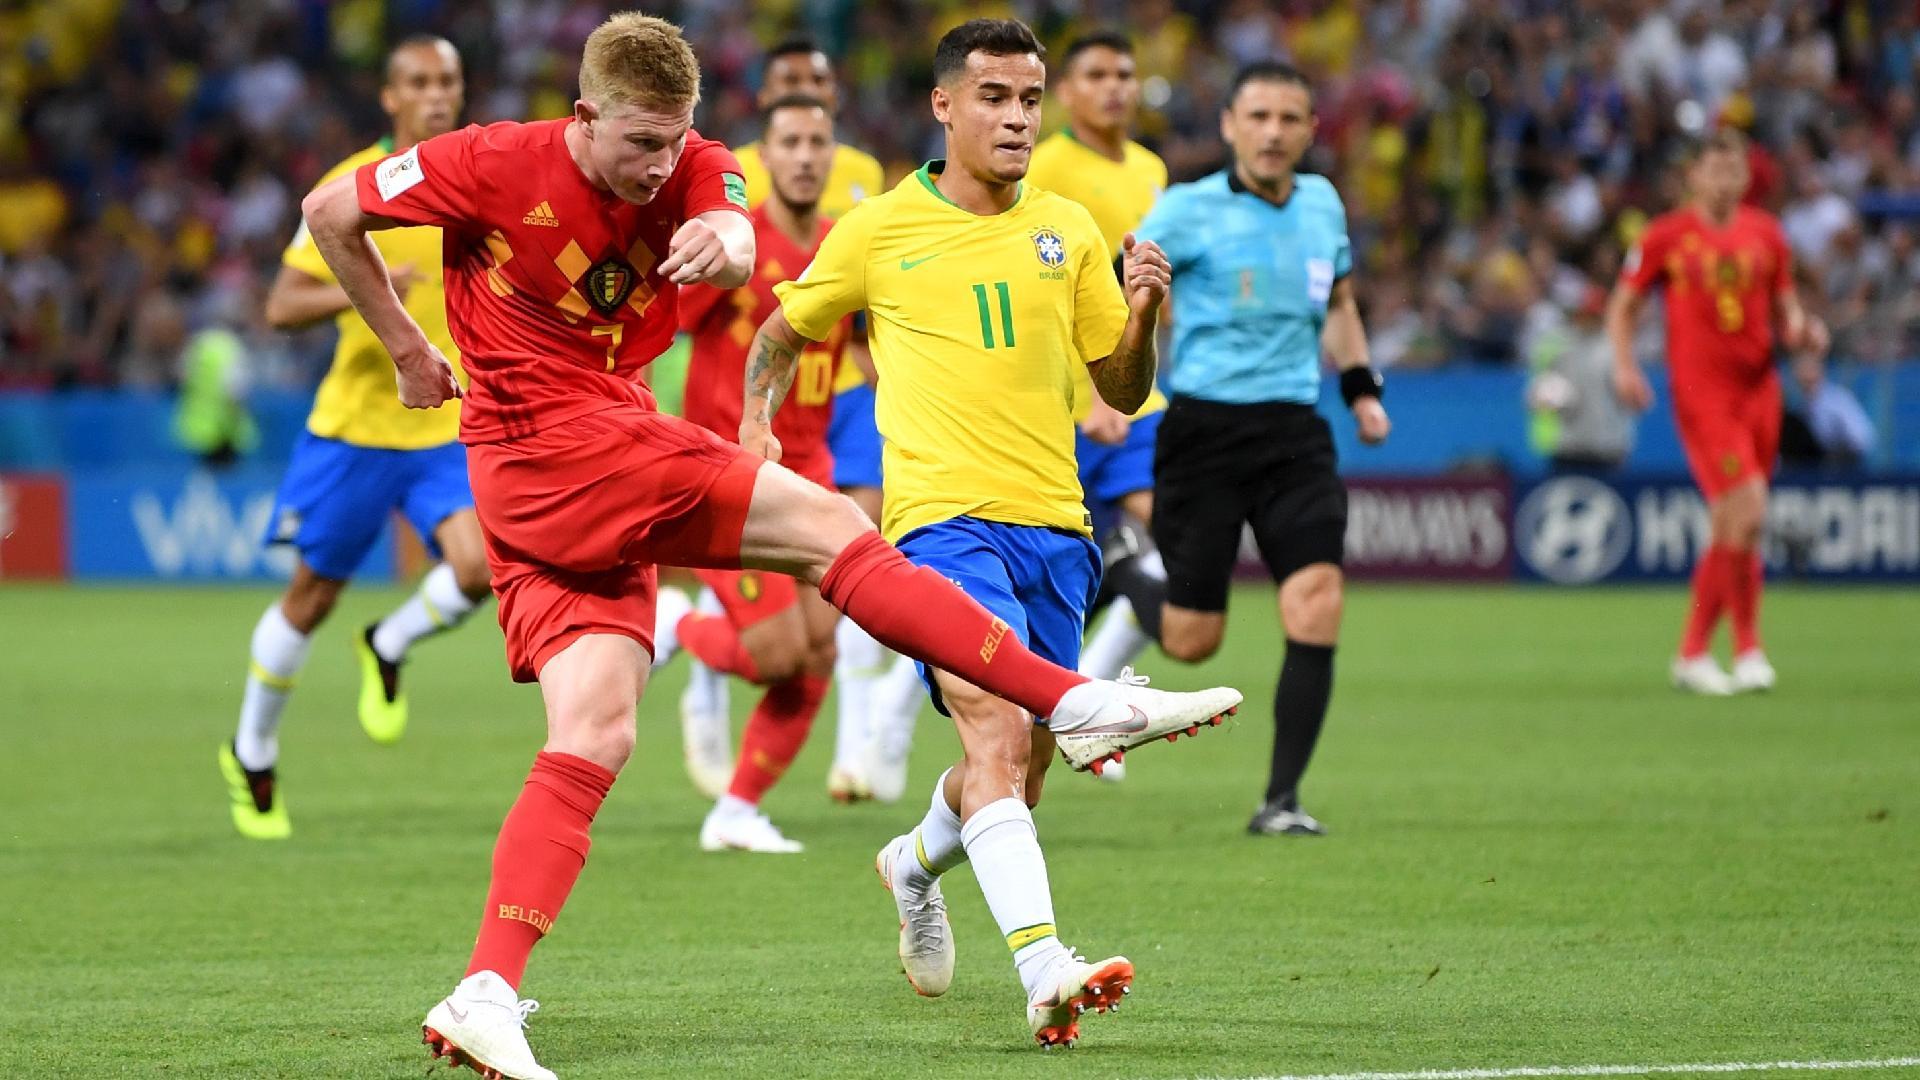 Chute de De Bruyne vai no gol de Alisson no jogo entre Brasil e Bélgica